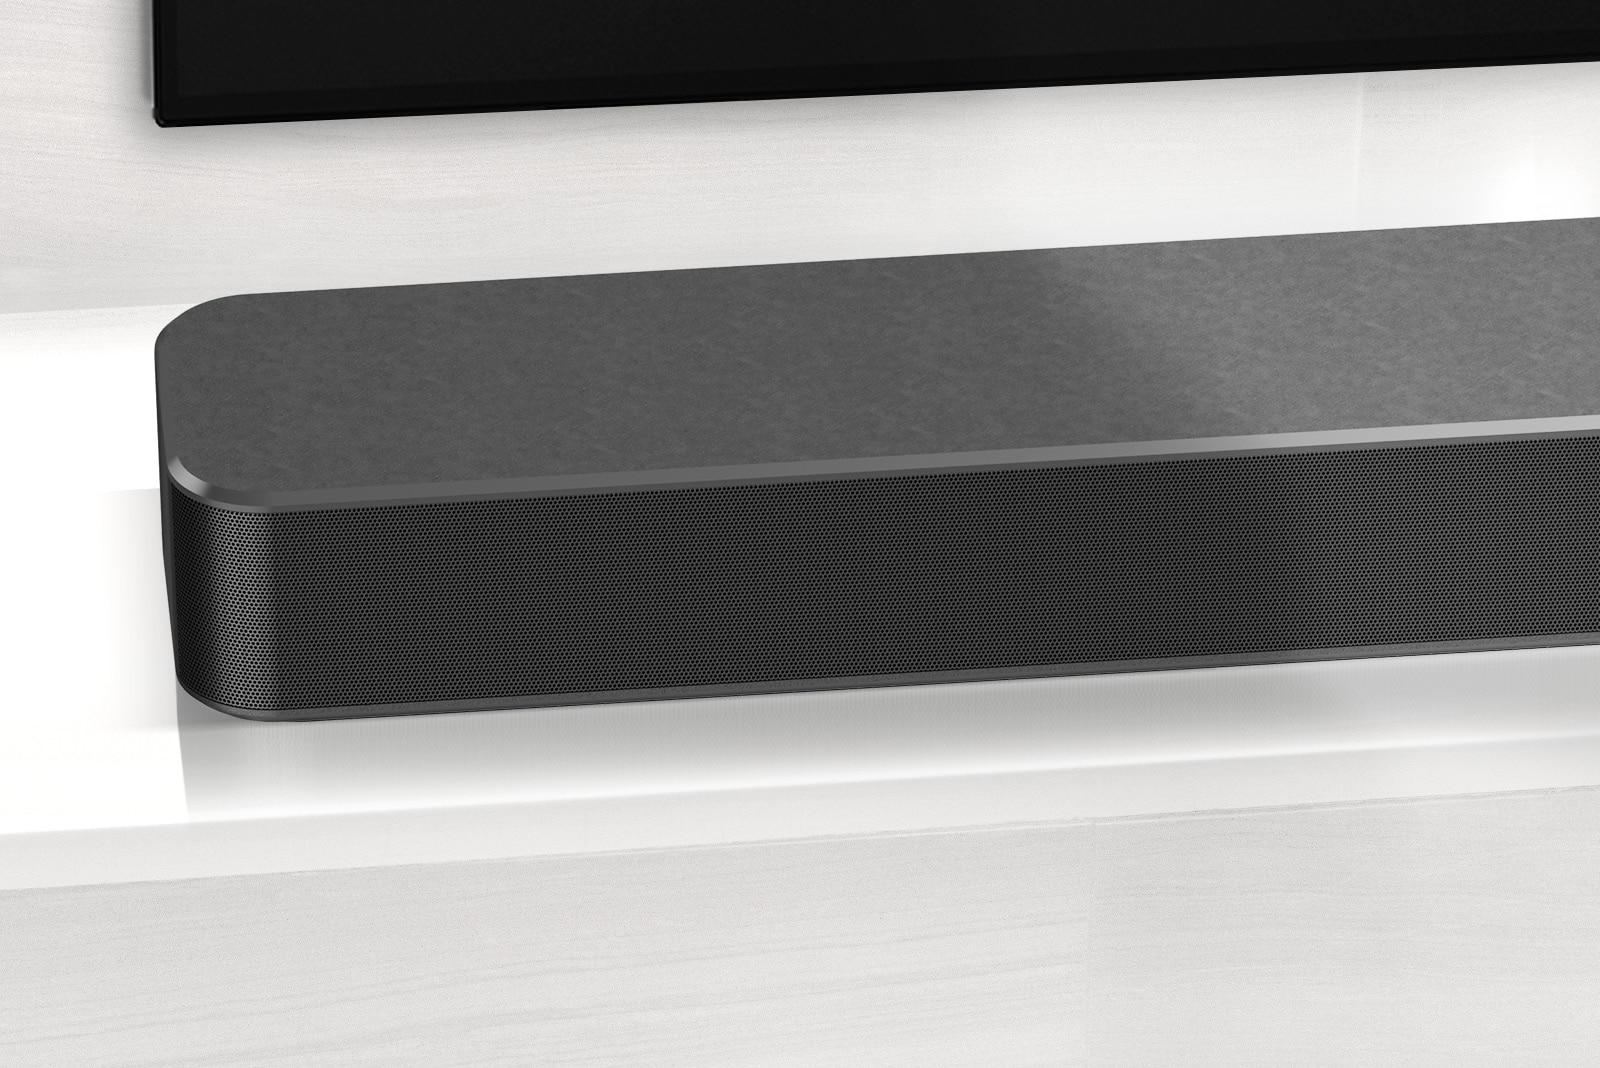 Close-up of LG Soundbar left corner. Bottom left side of TV is also visible.